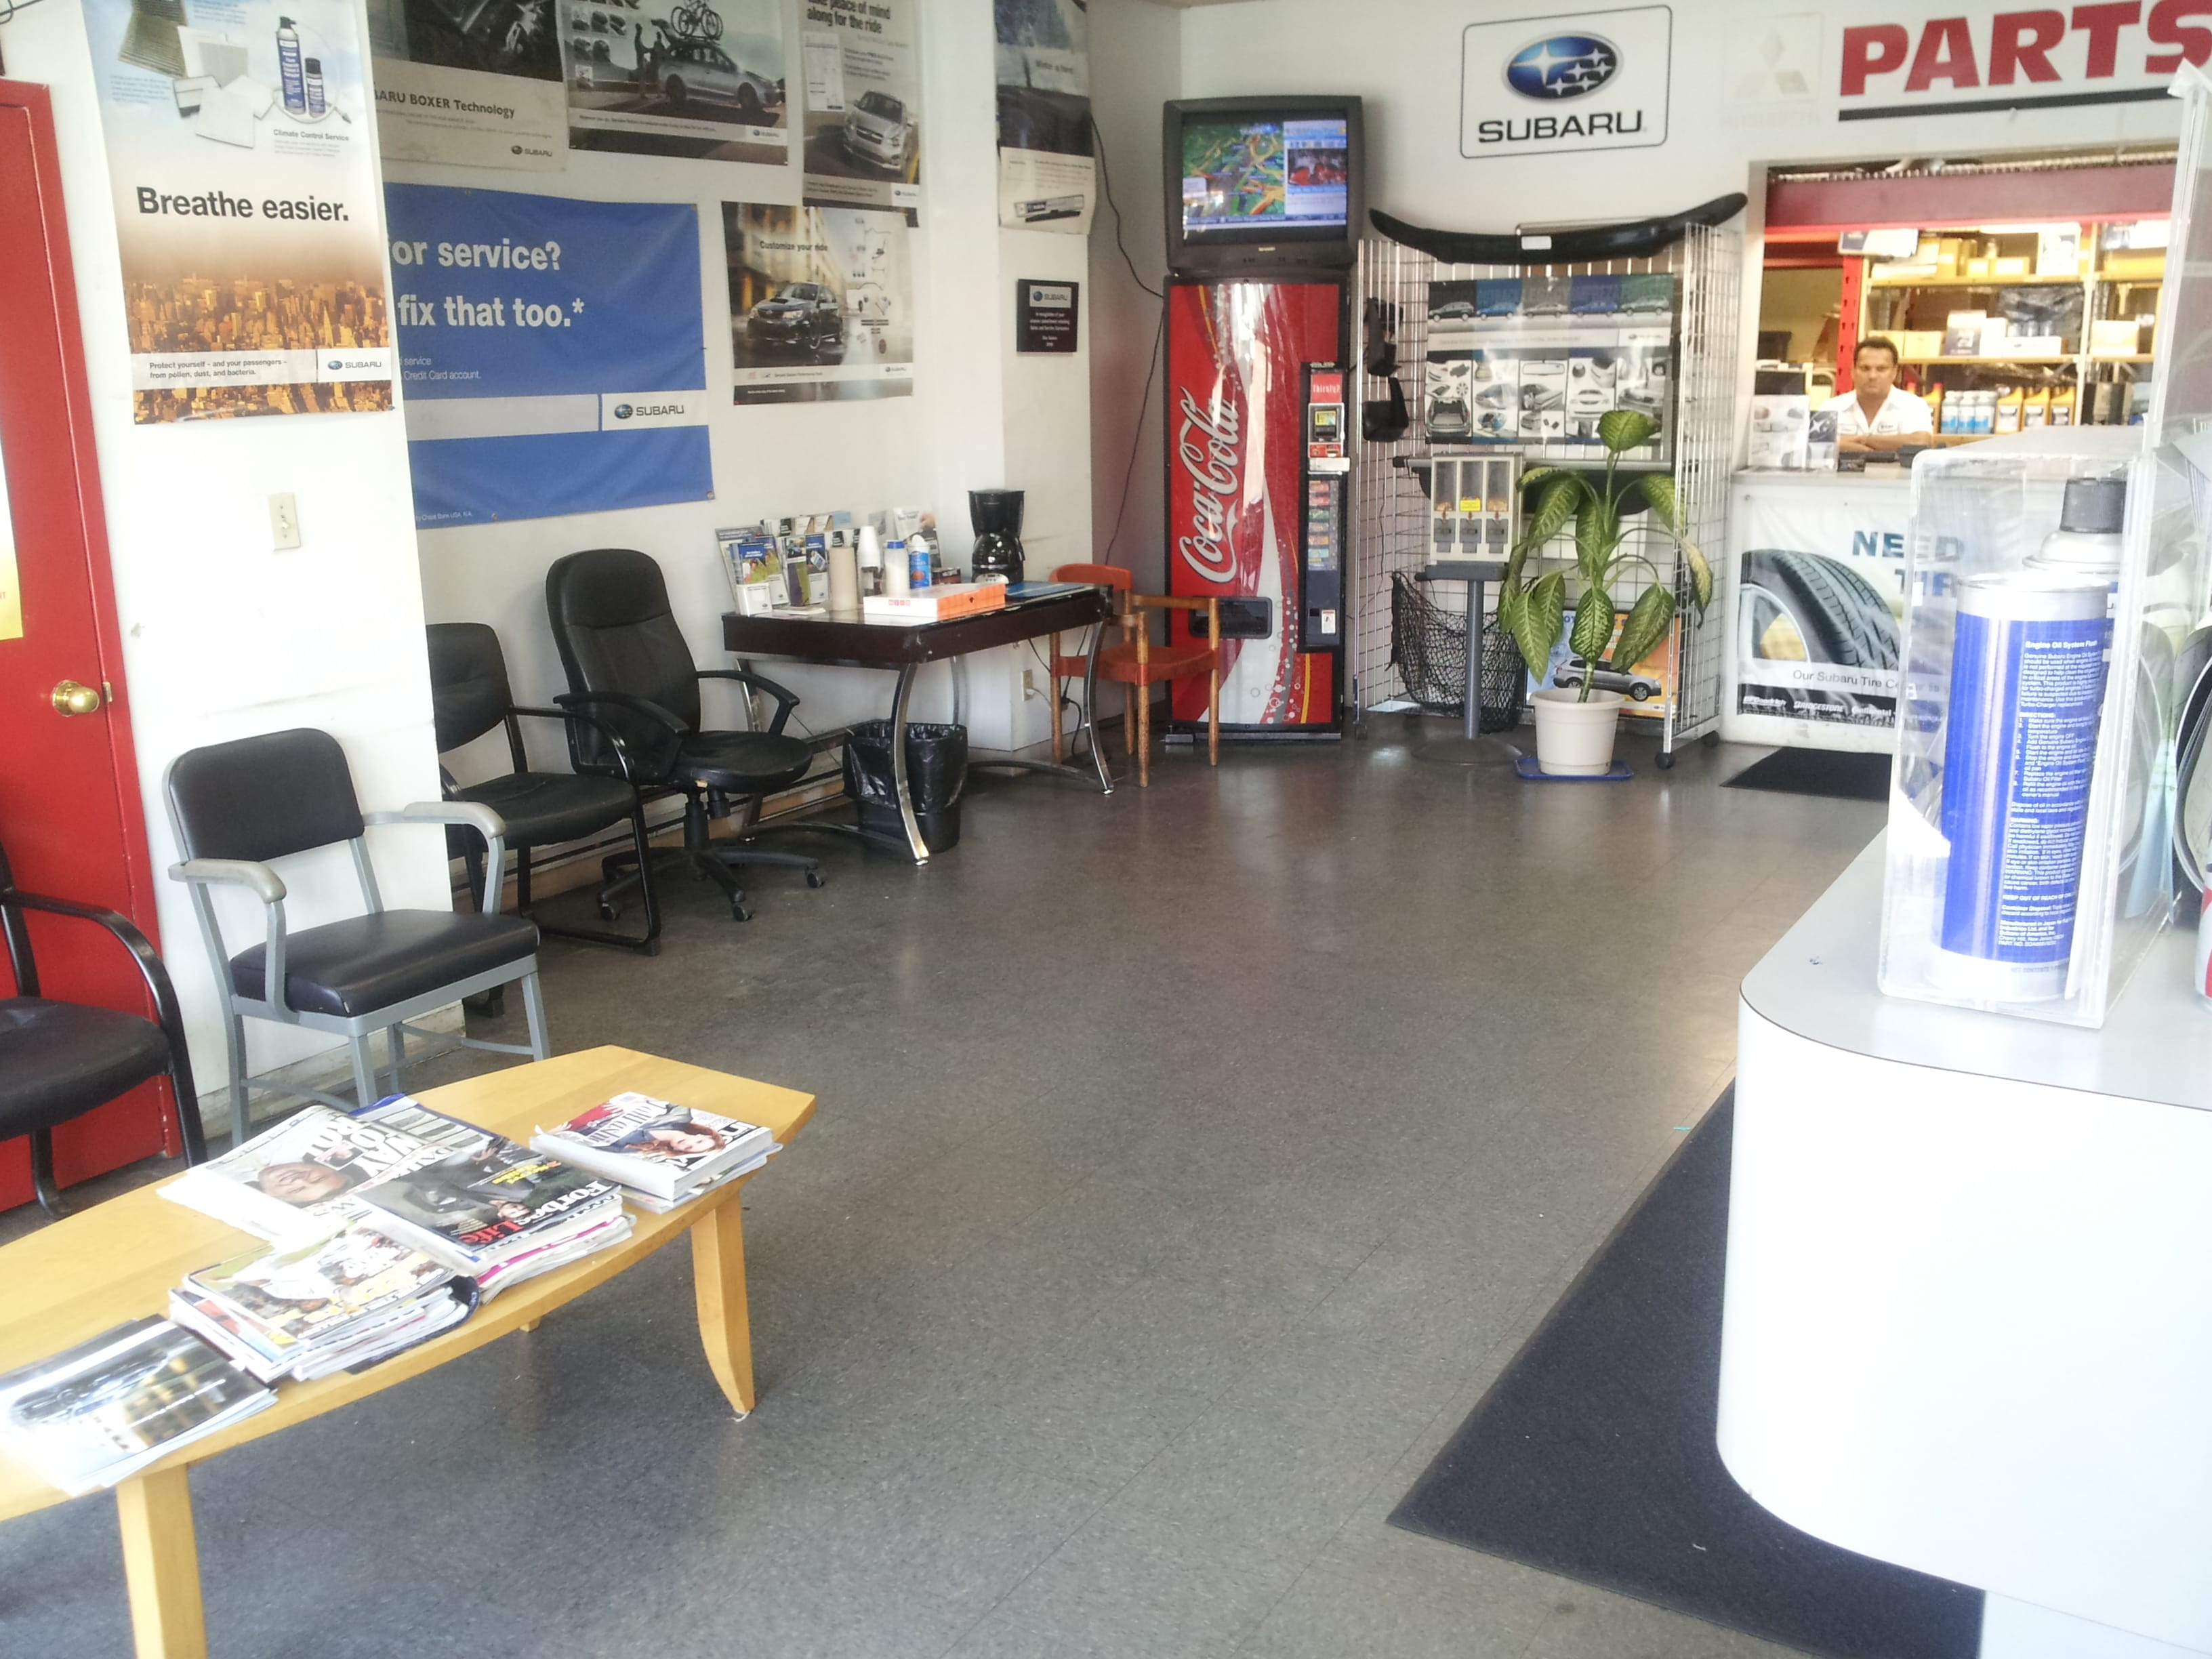 Subaru Car Parts In Bayside Star Subaru Car Parts And Accessories